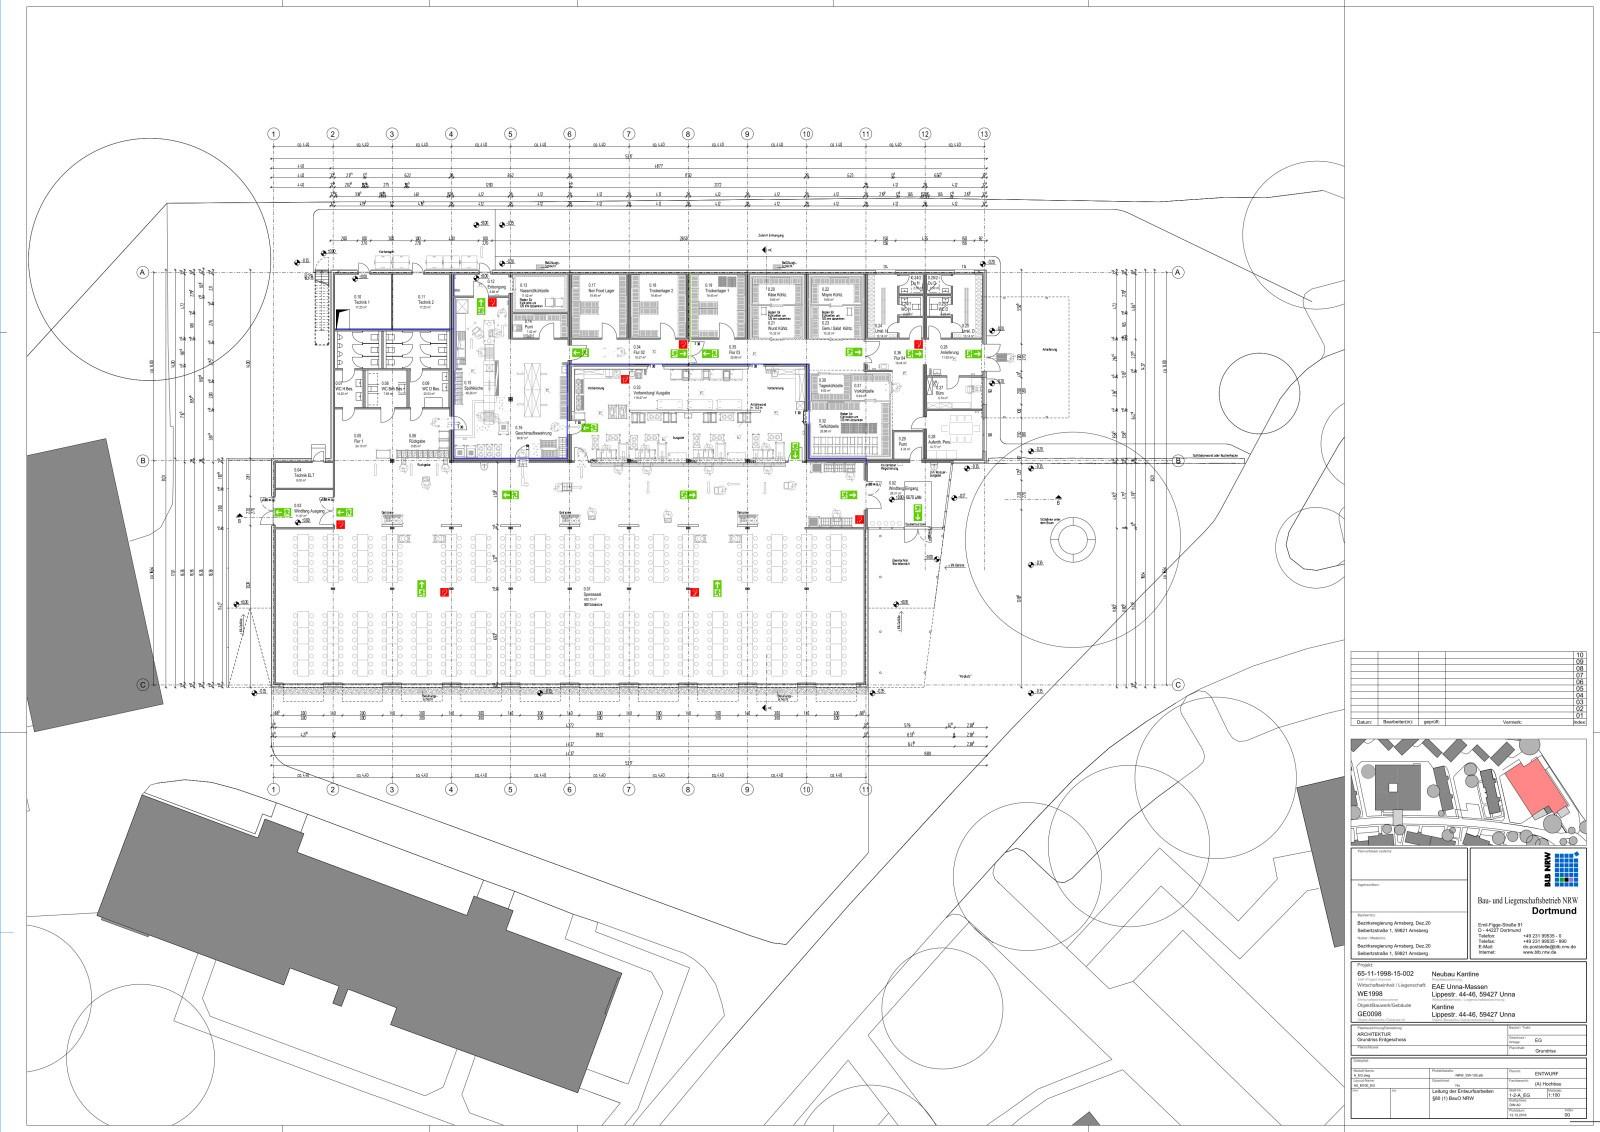 Climatic wybuduje kantynę w Dortmundzie